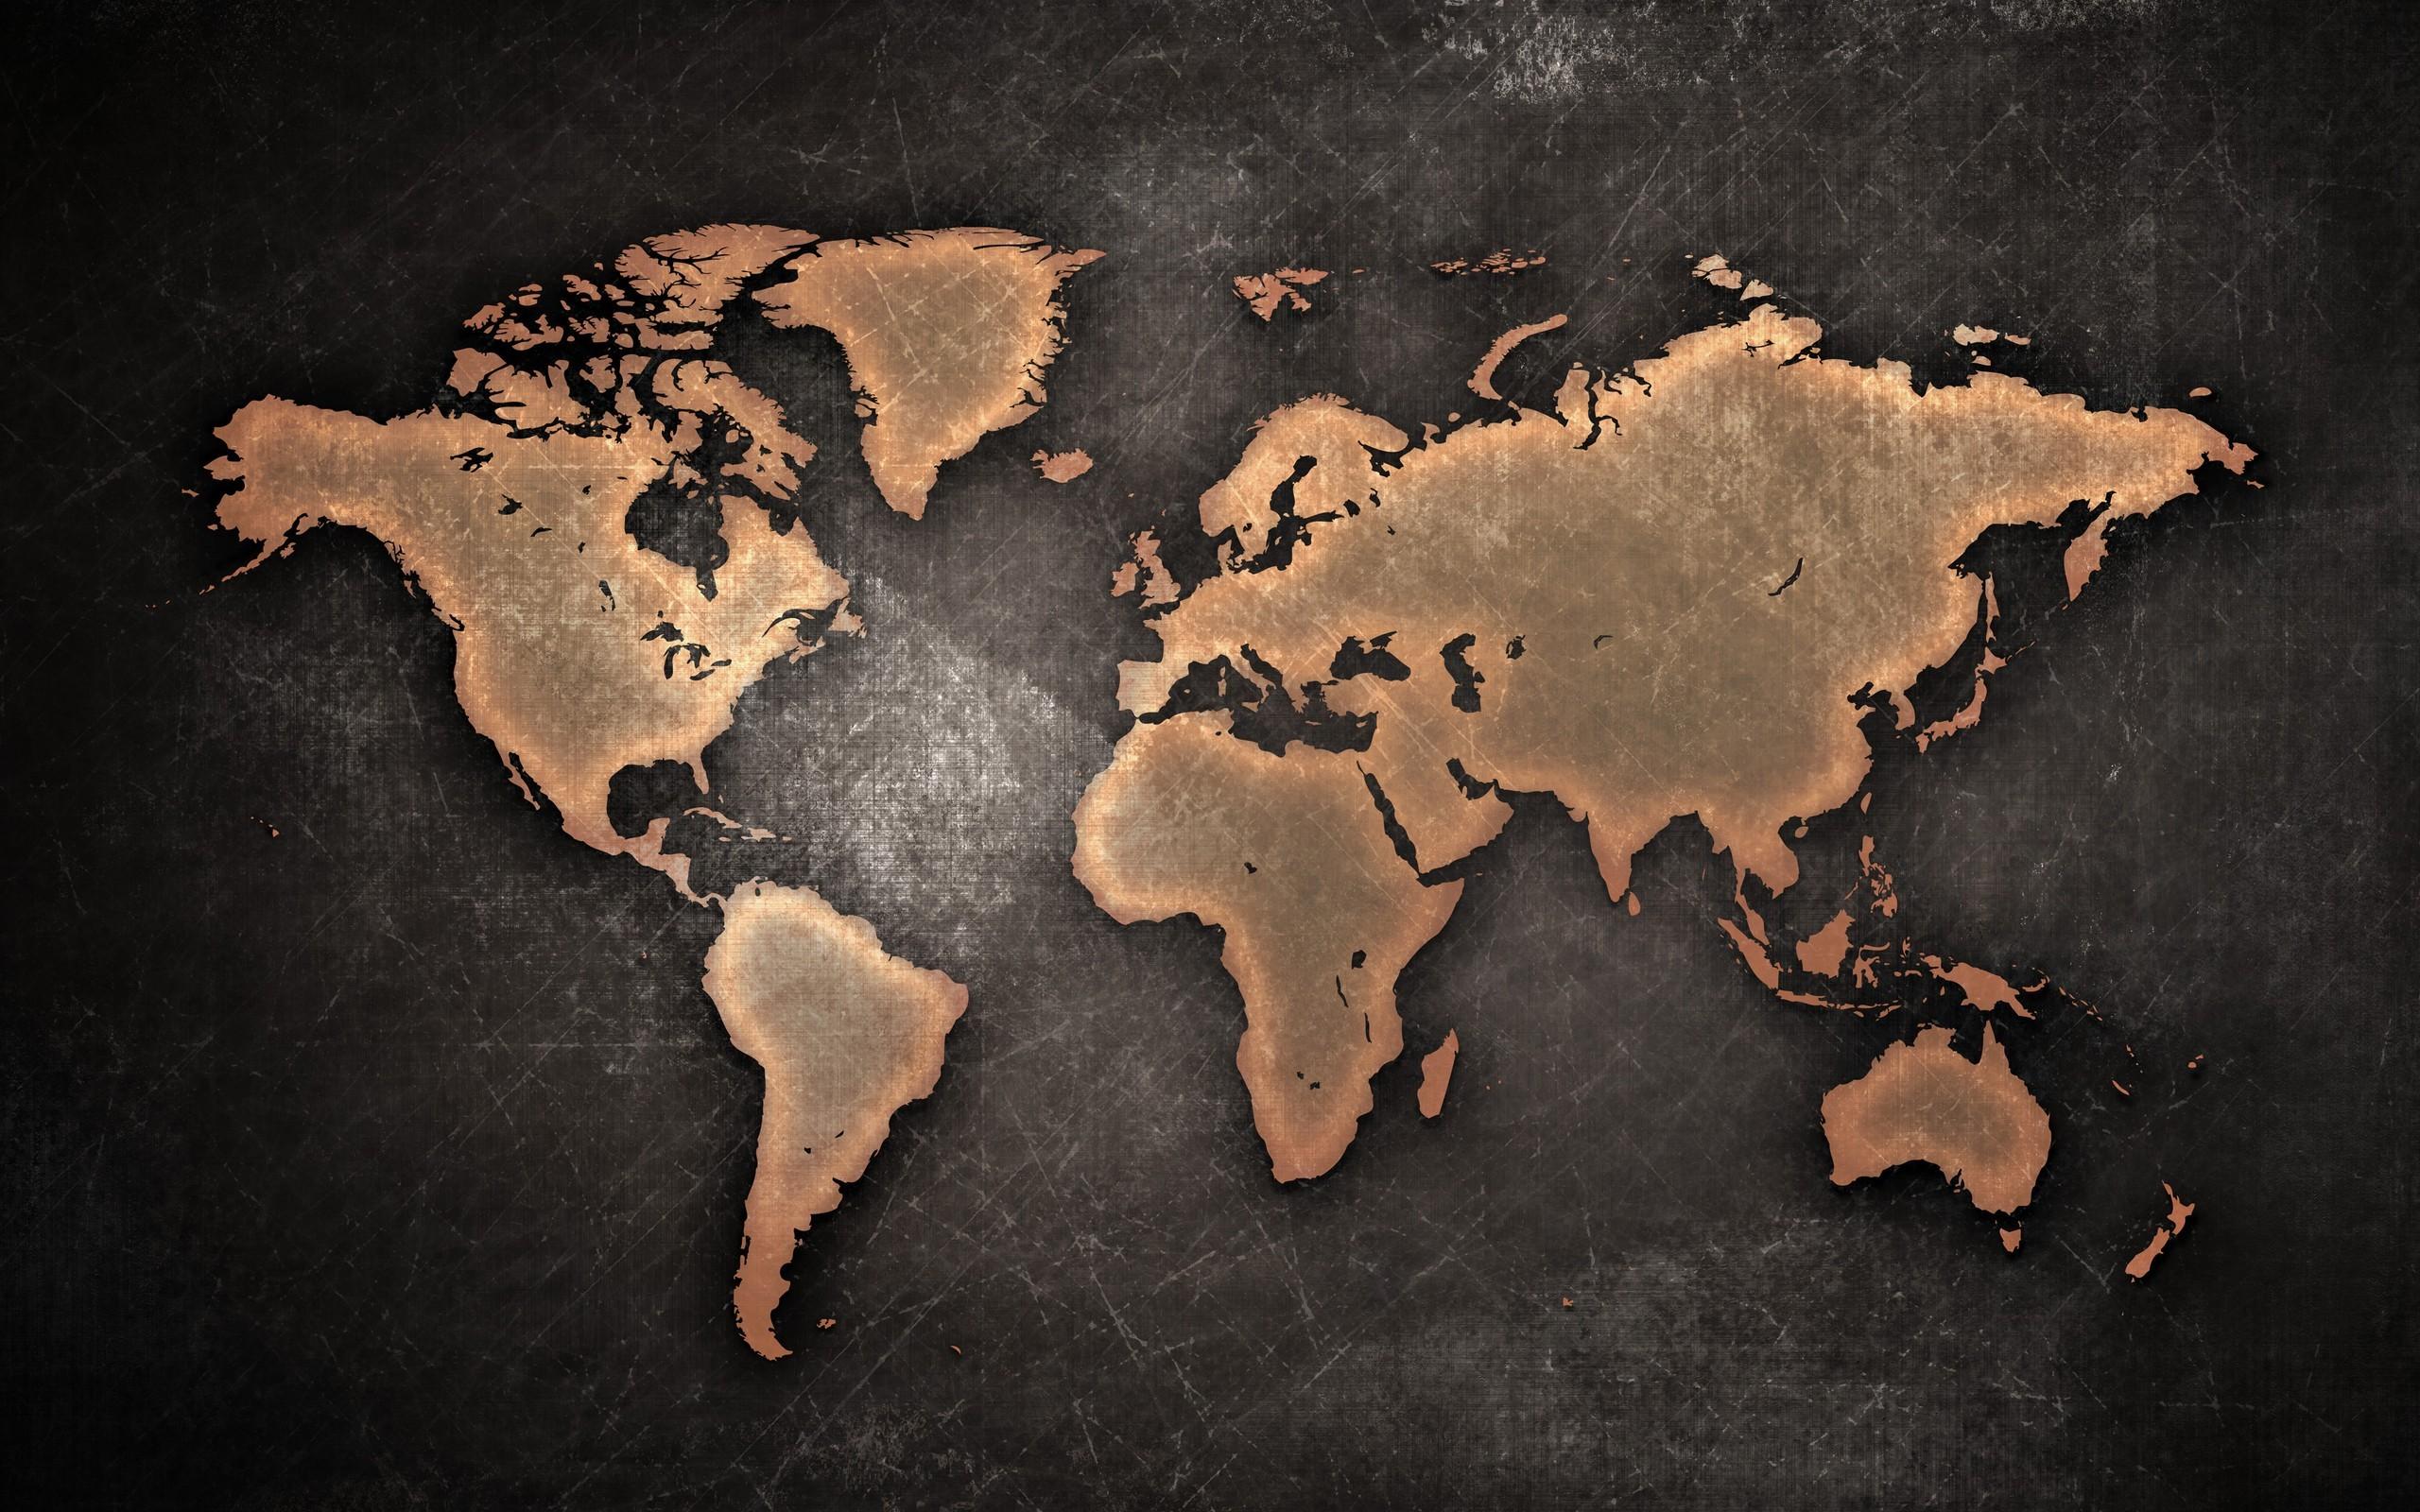 Map Wallpaper map wallpaper 47059 2560x1600 px ~ hdwallsource